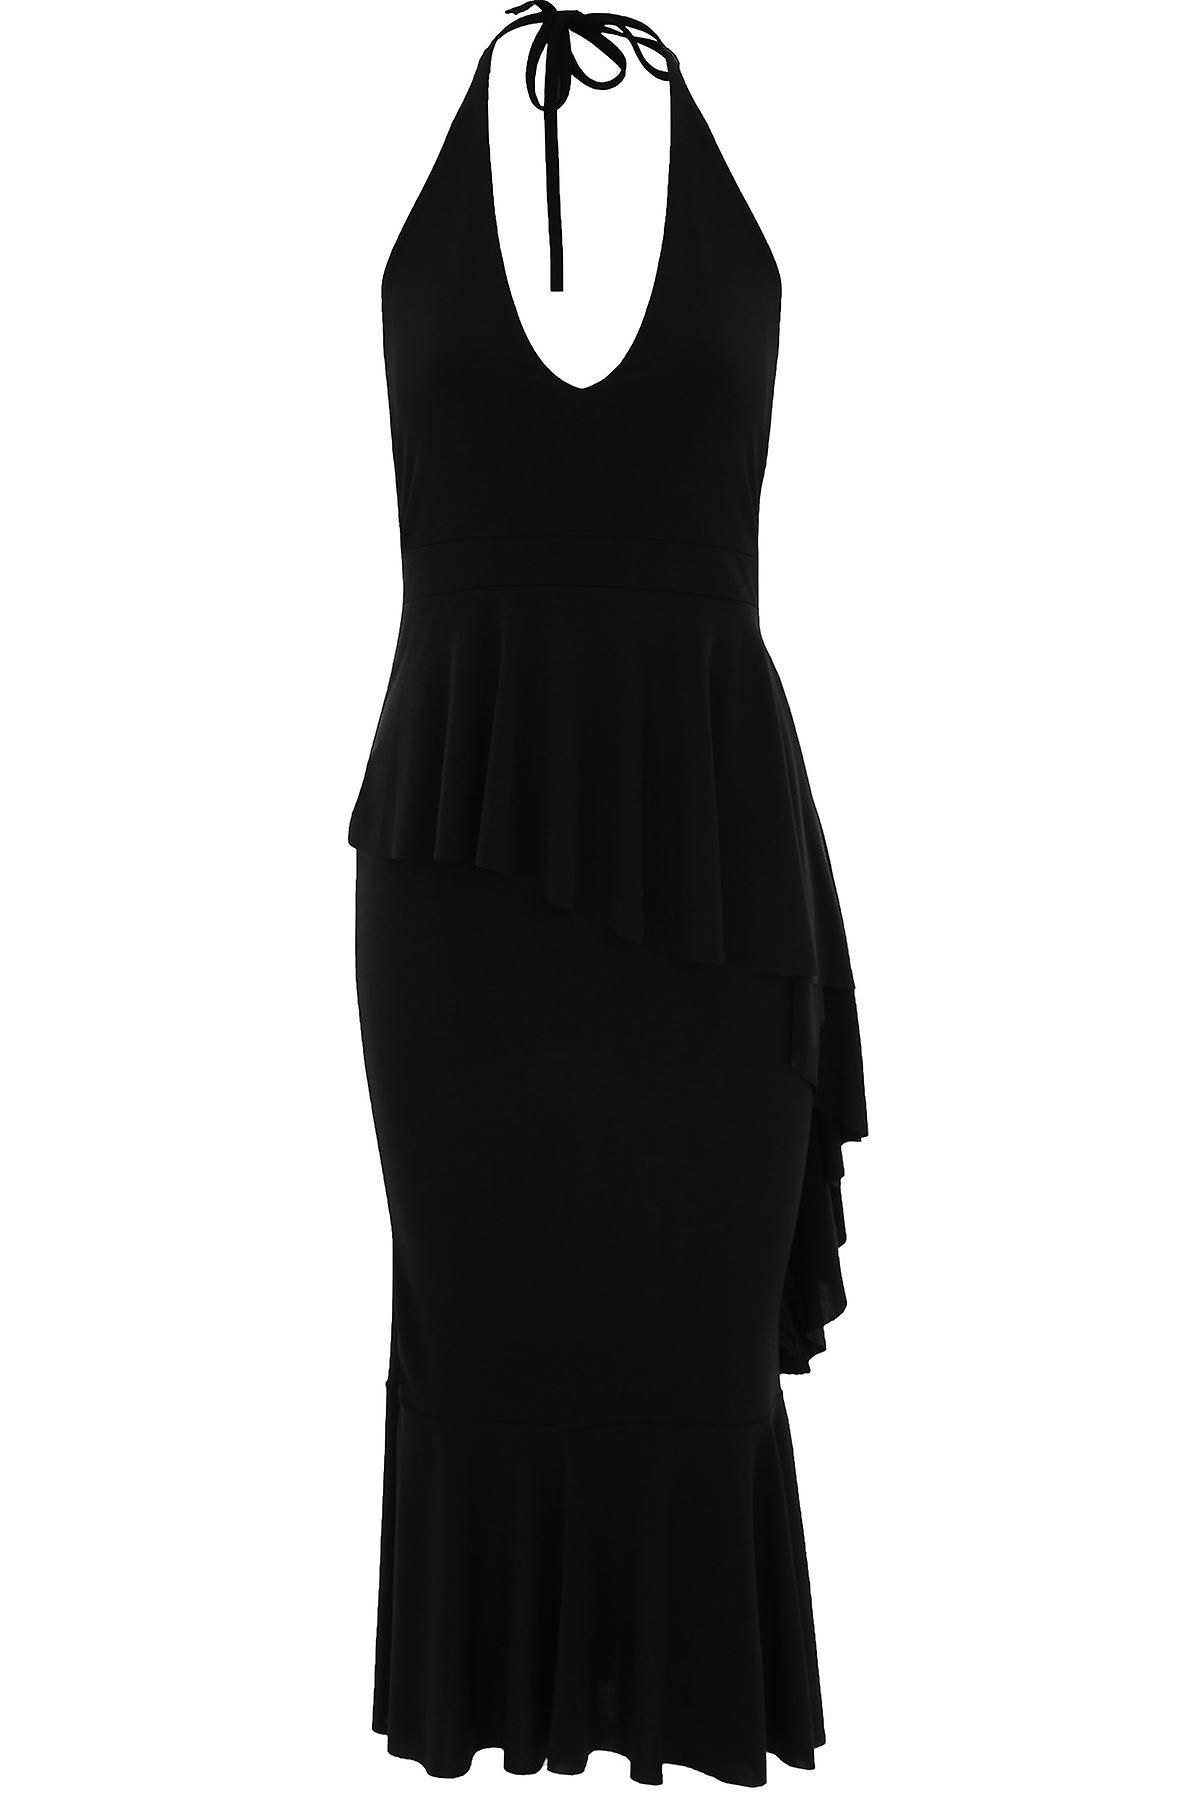 Rüschen Celeb Mermaid Neckholder Ruffle Kleid Slinky Damen Plunge asymmetrisch Kim XiTuwOkZP